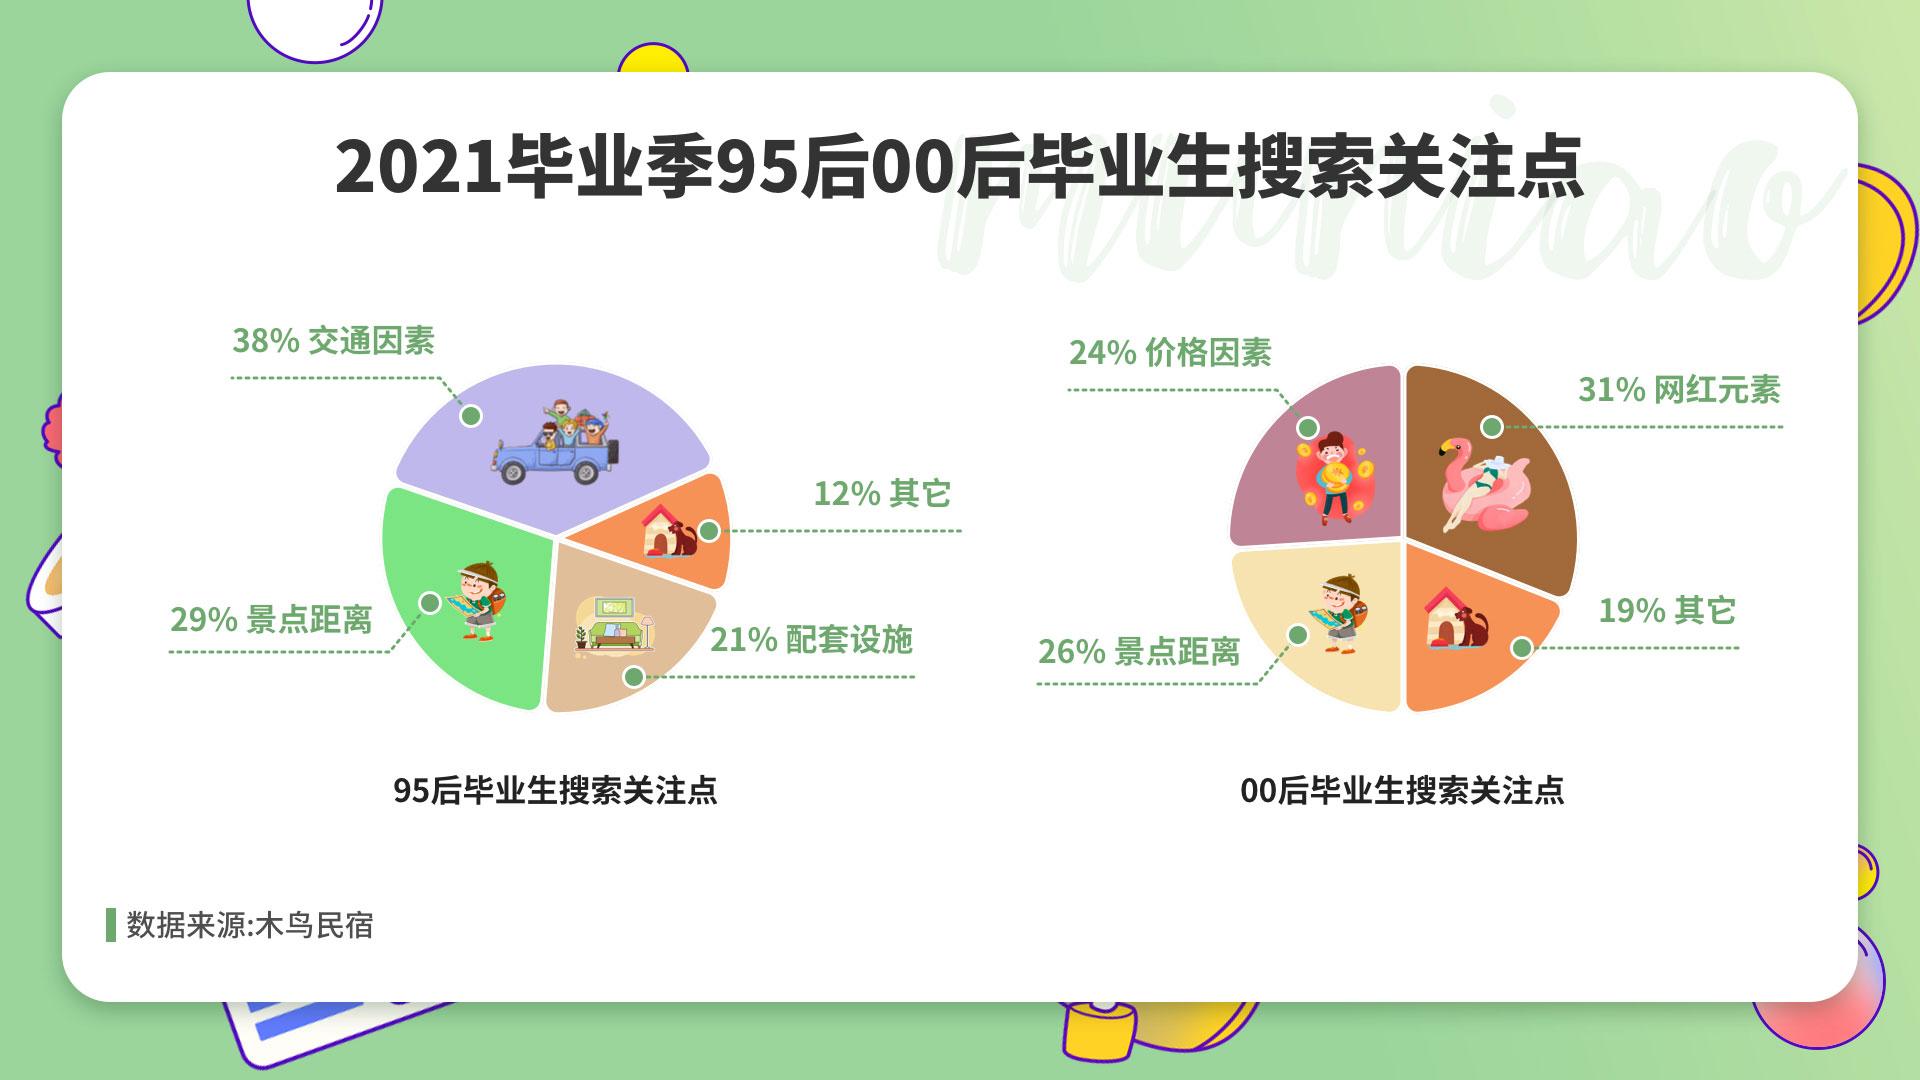 木鸟民宿毕业季数据报告:00后住宿看颜值,小众景点种草多